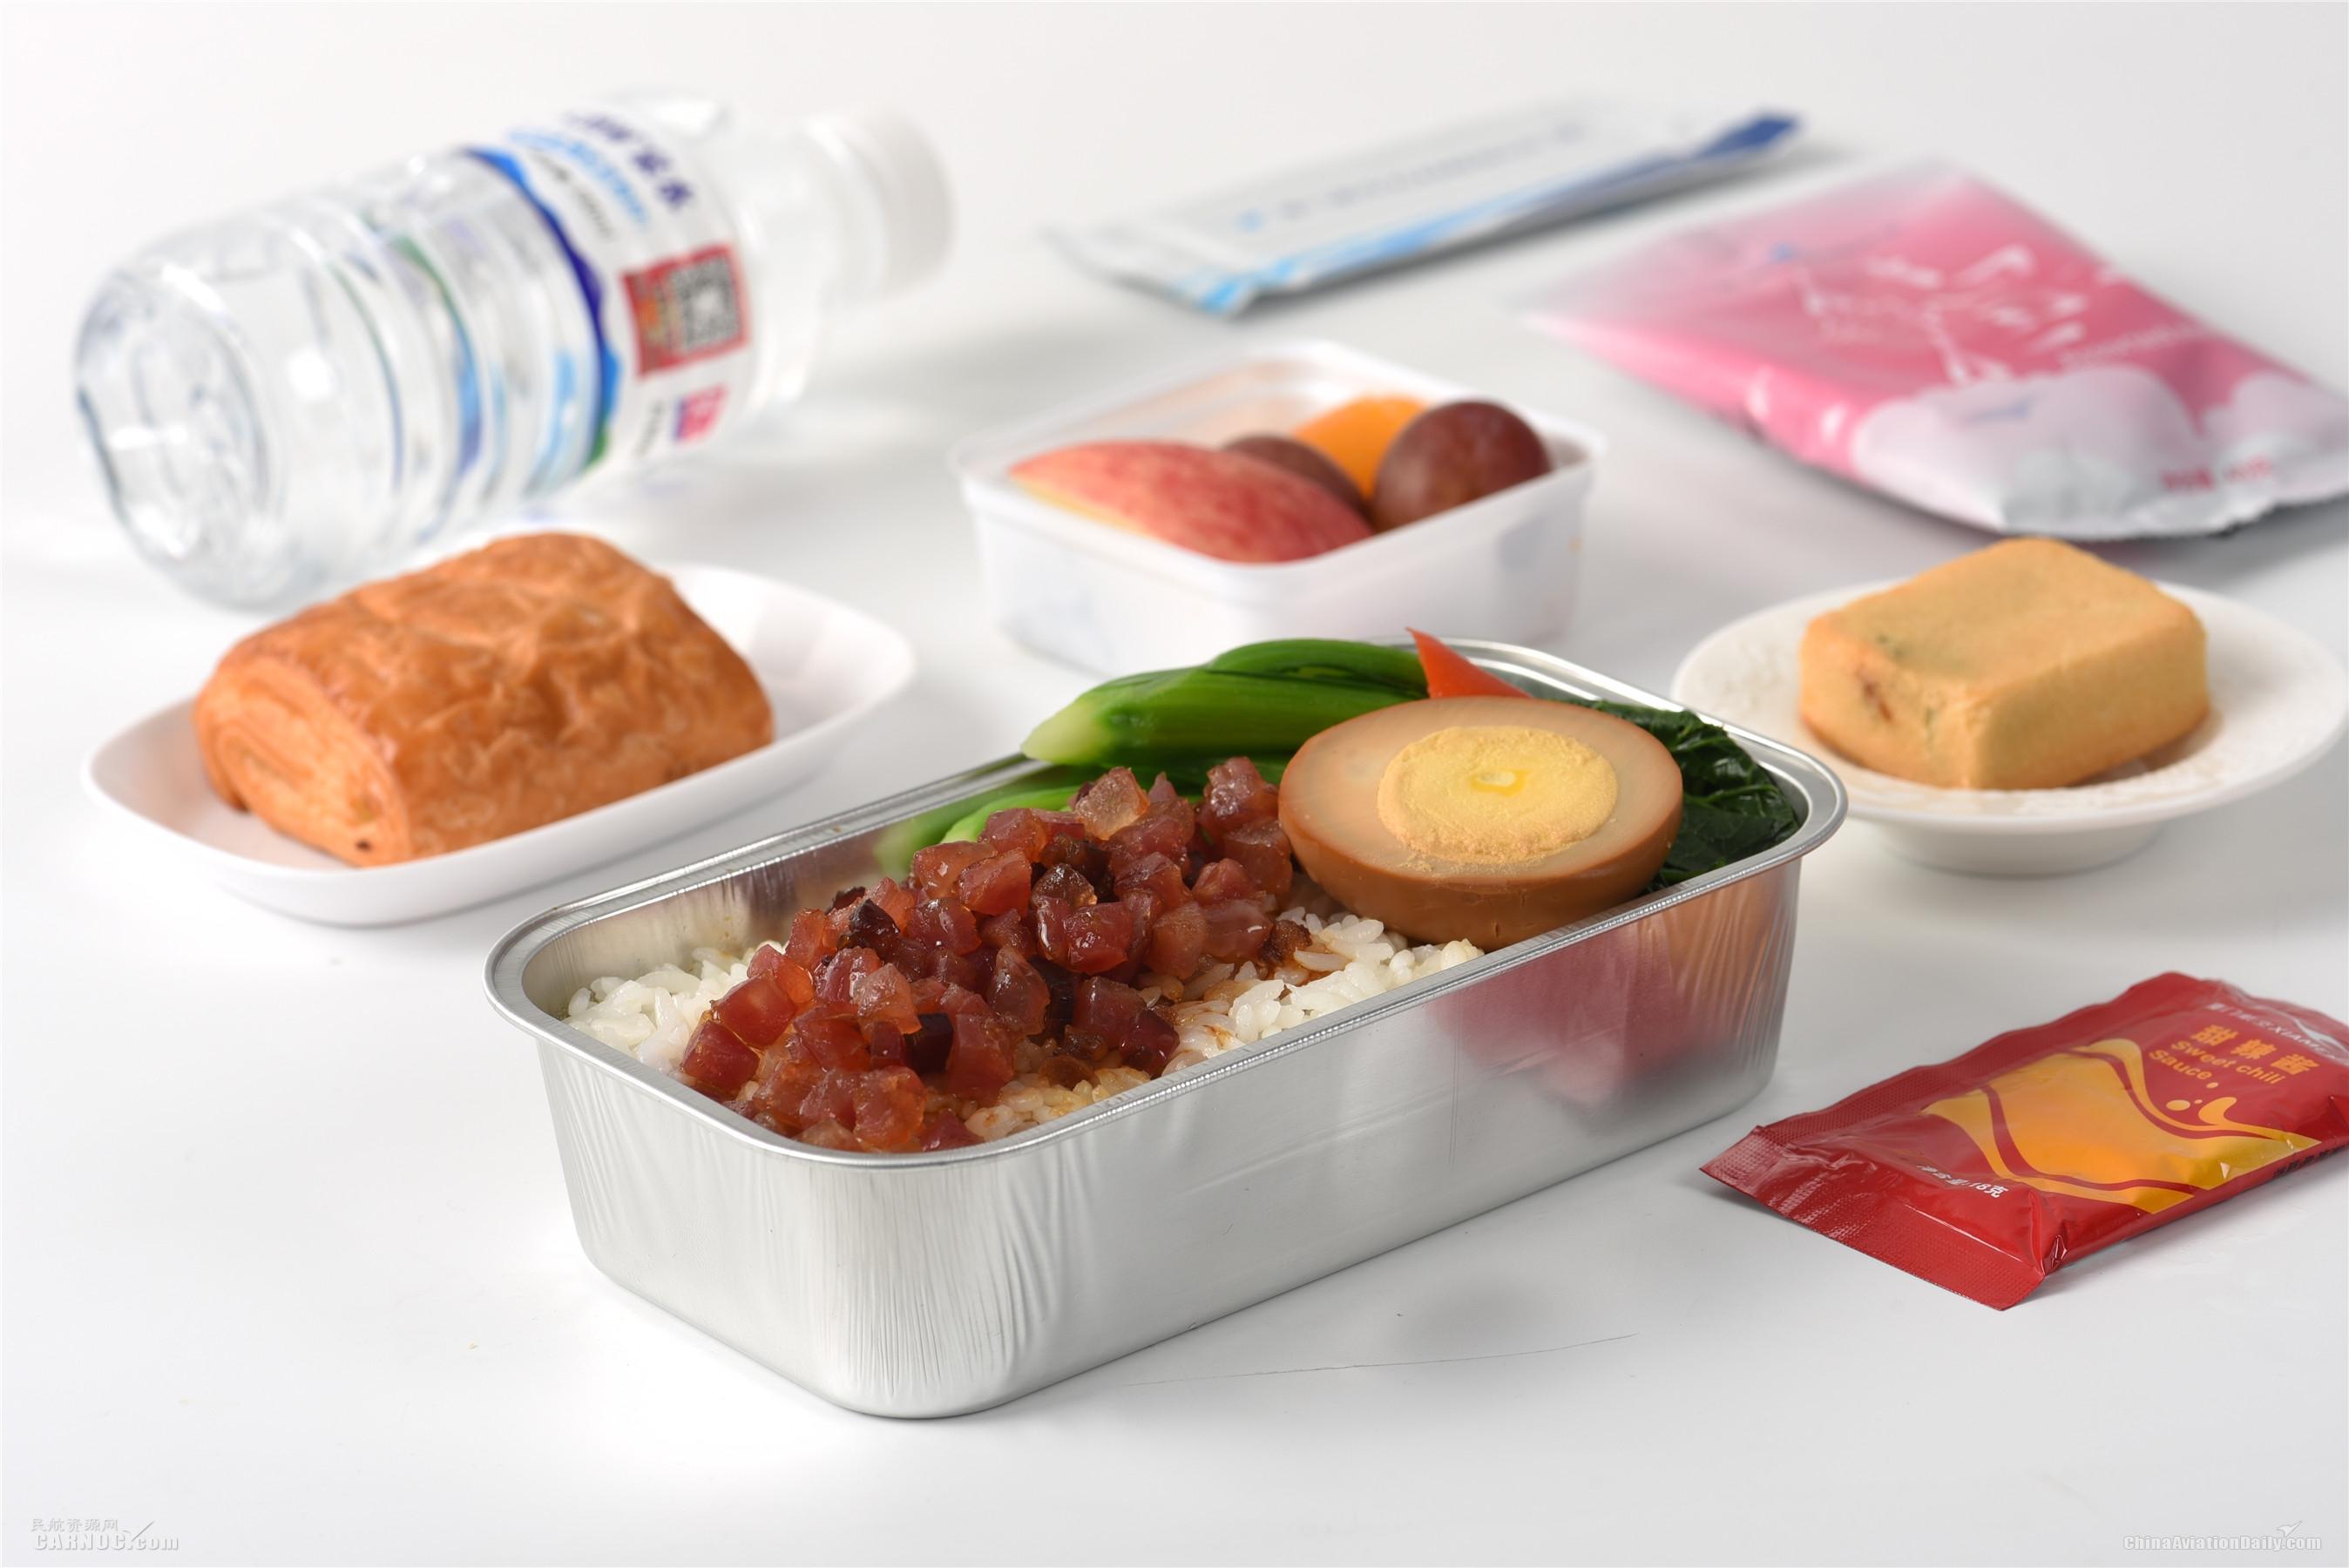 7月25日起 厦航机上餐食恢复疫情前服务标准